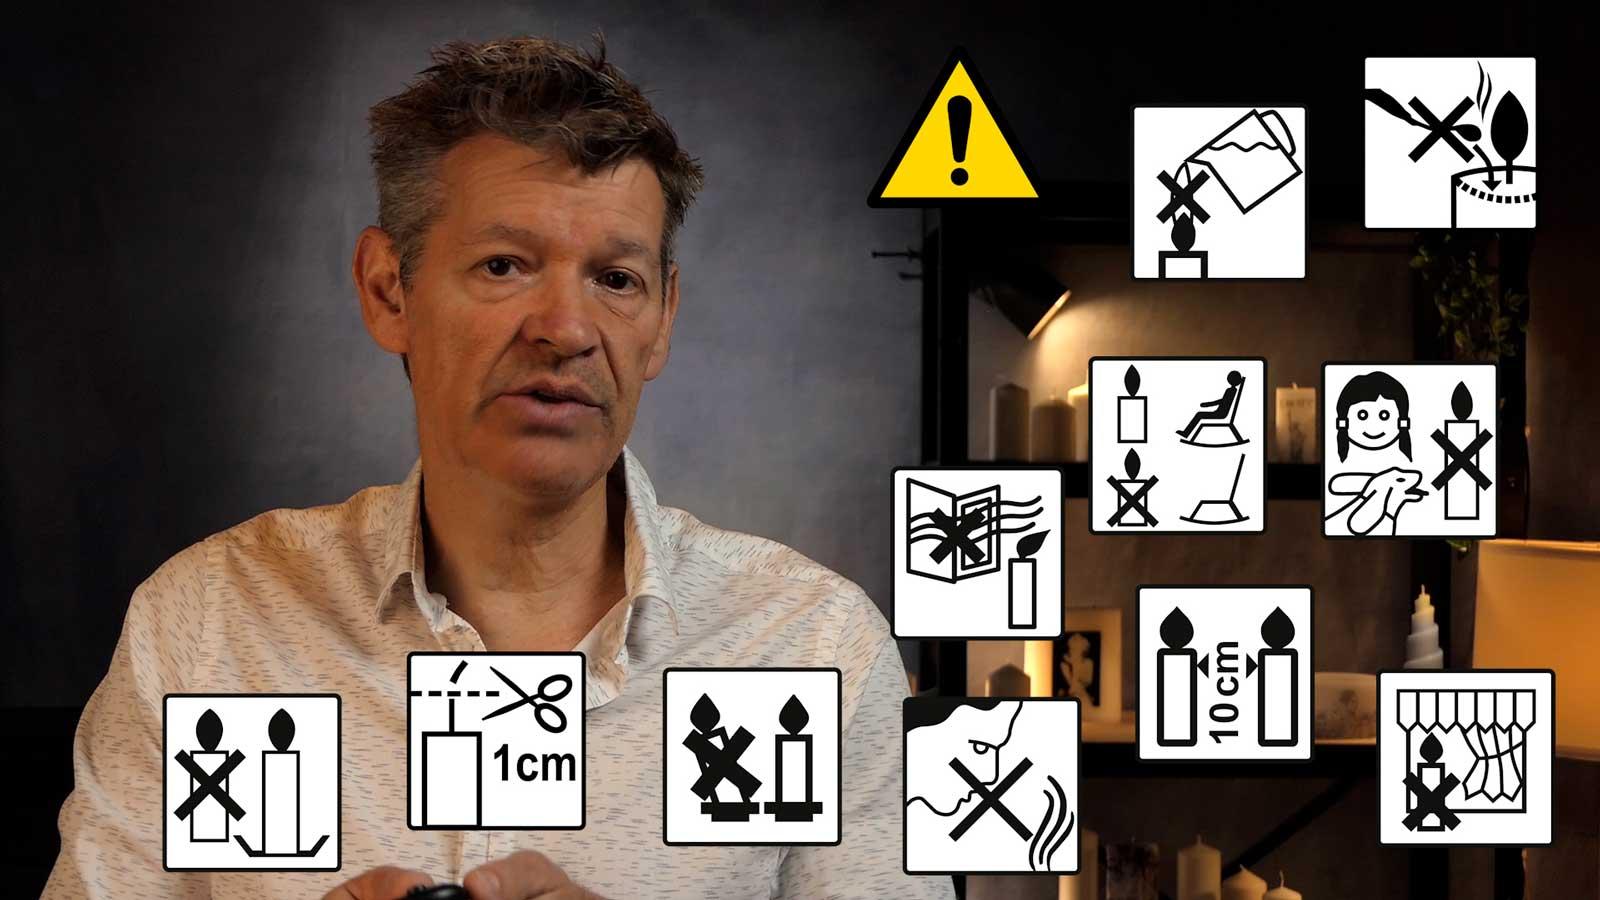 Formation pictogrammes de sécurité incendie AFNOR